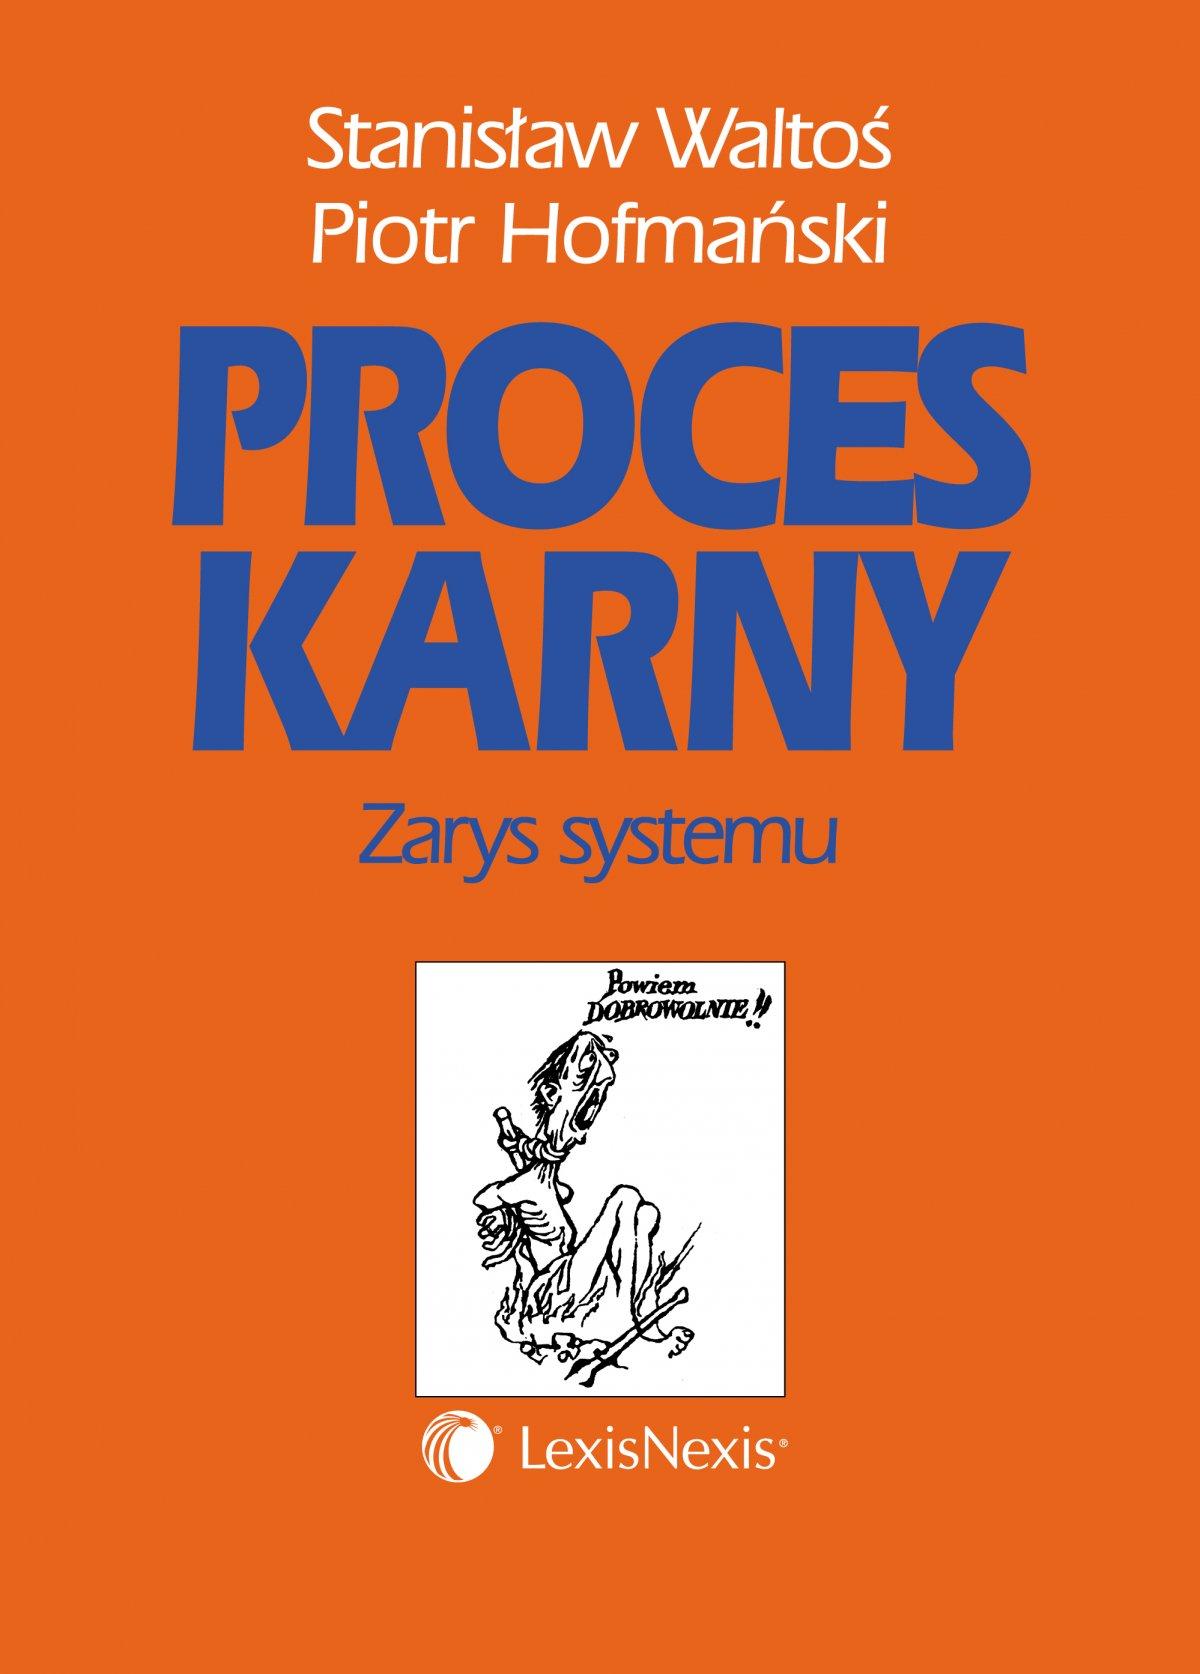 waltoś proces karny pdf chomikuj